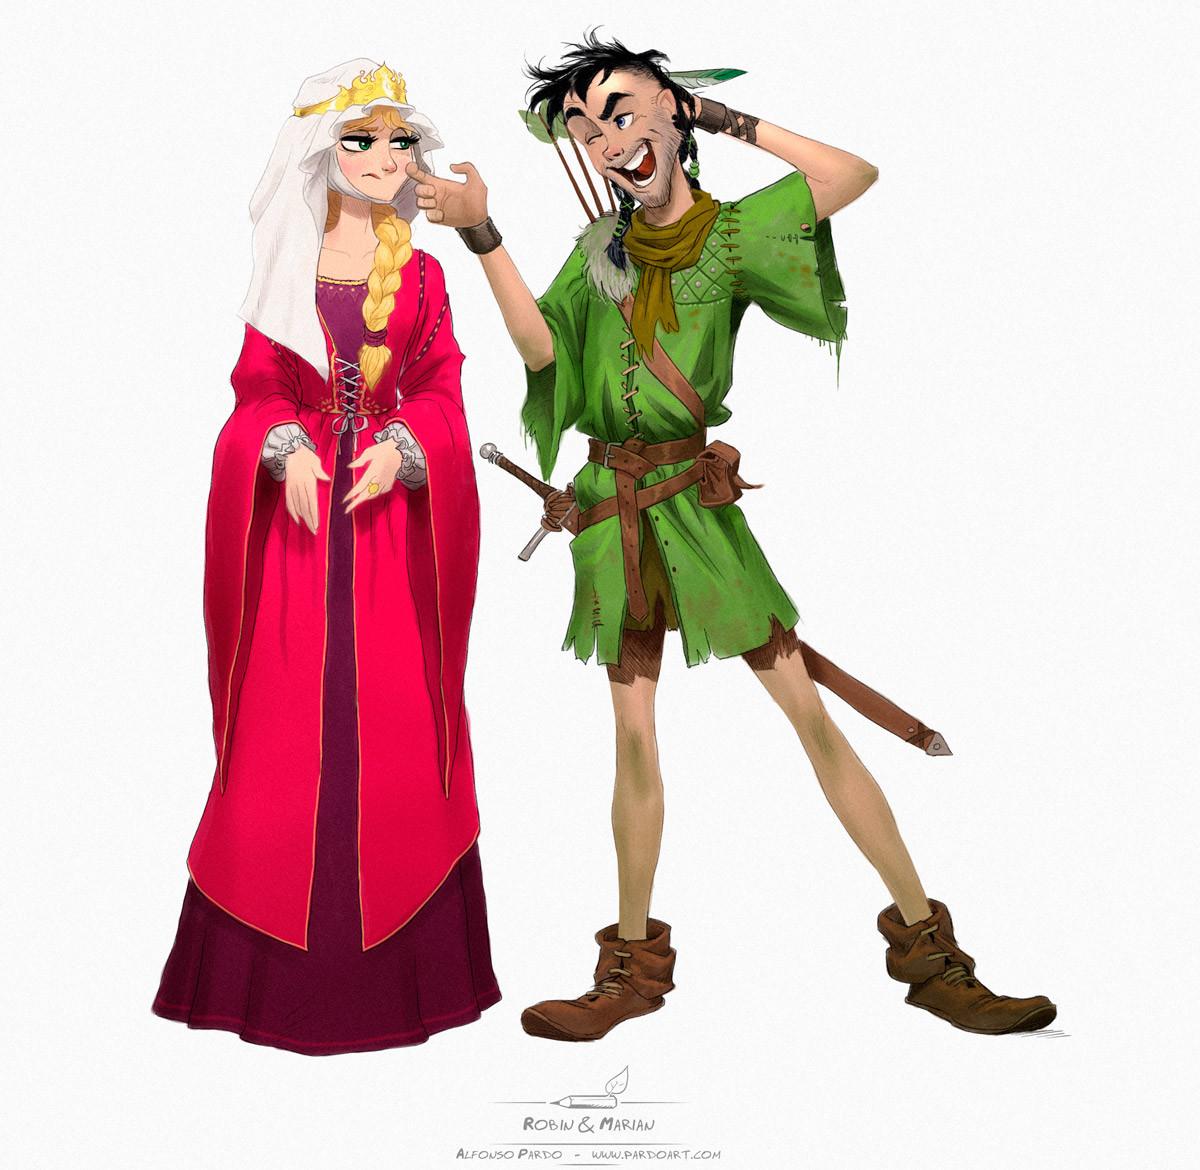 Robin & Marian 01